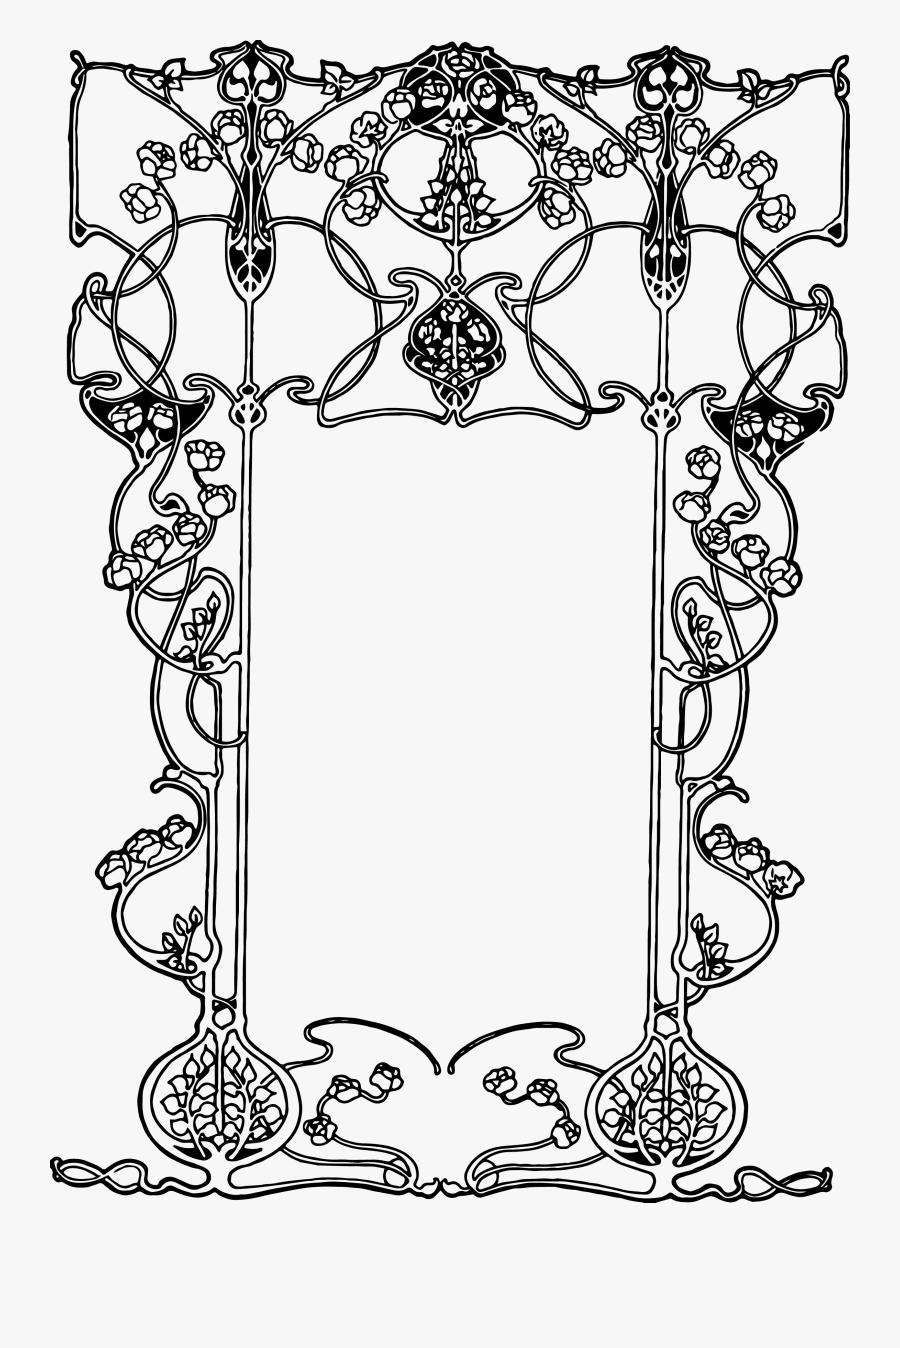 Clip Art Free Borders Png - Art Nouveau Design Png, Transparent Clipart